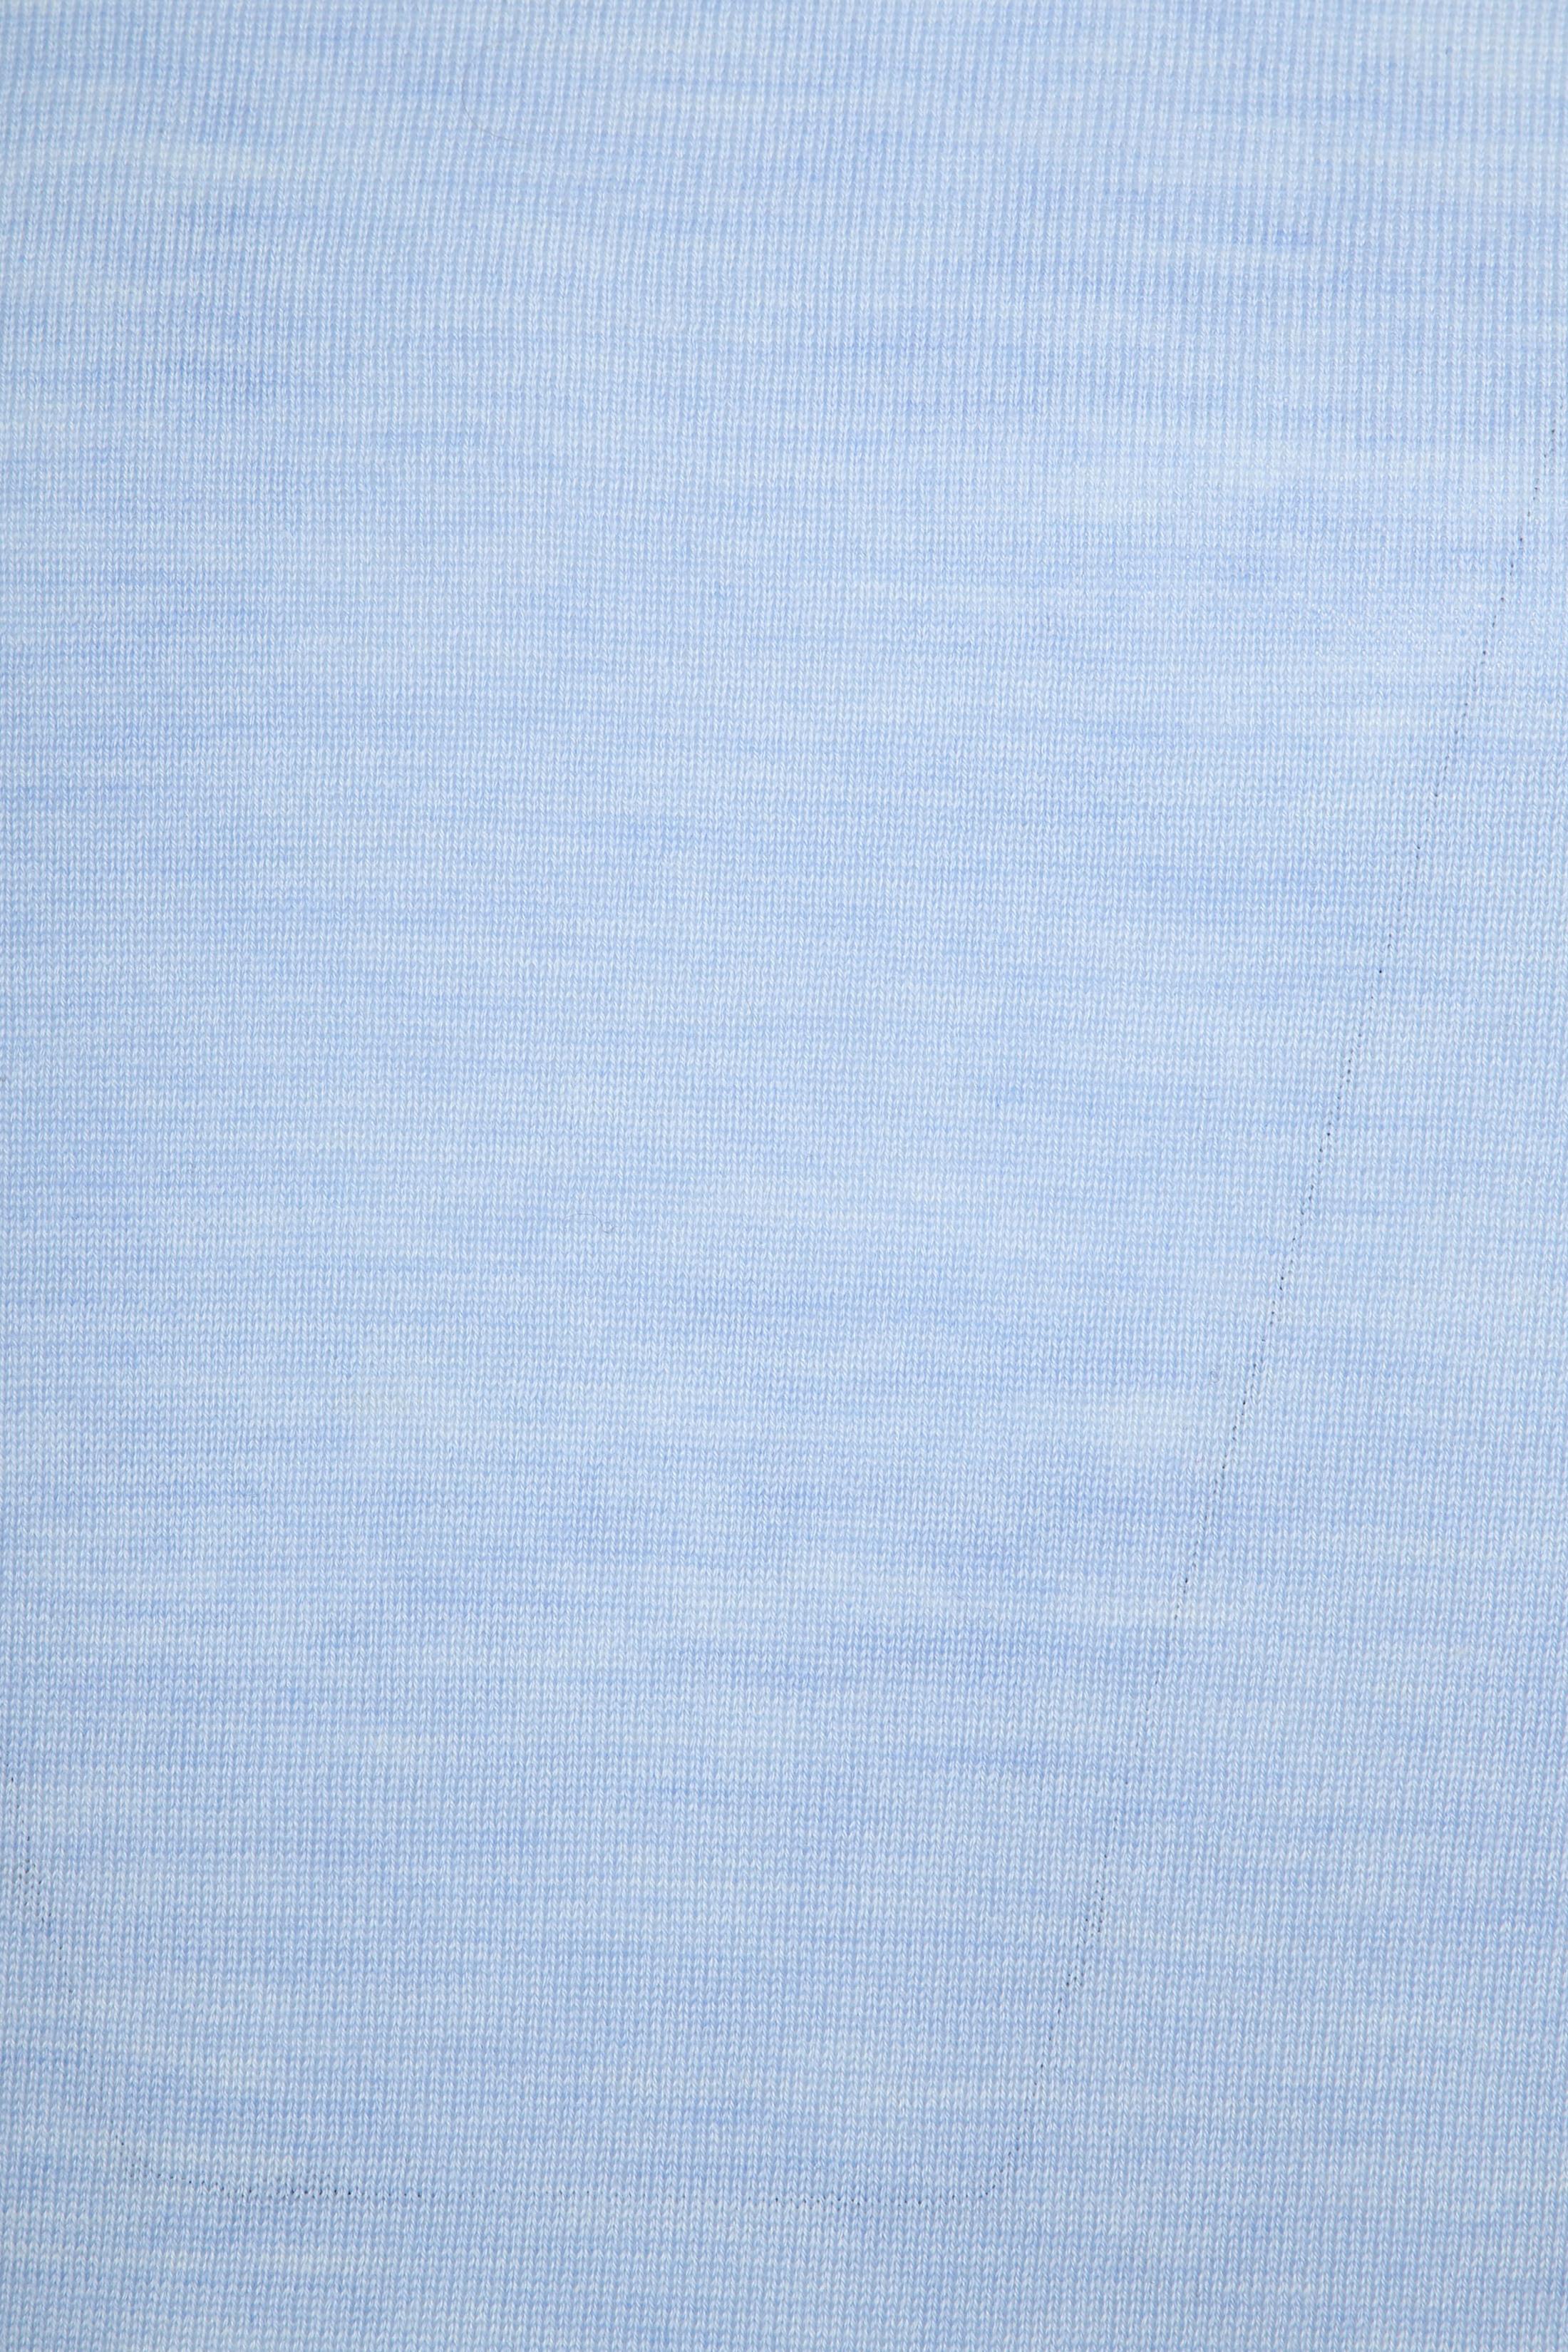 Suitable Pullover Prestige Merino Lichtblauw foto 1